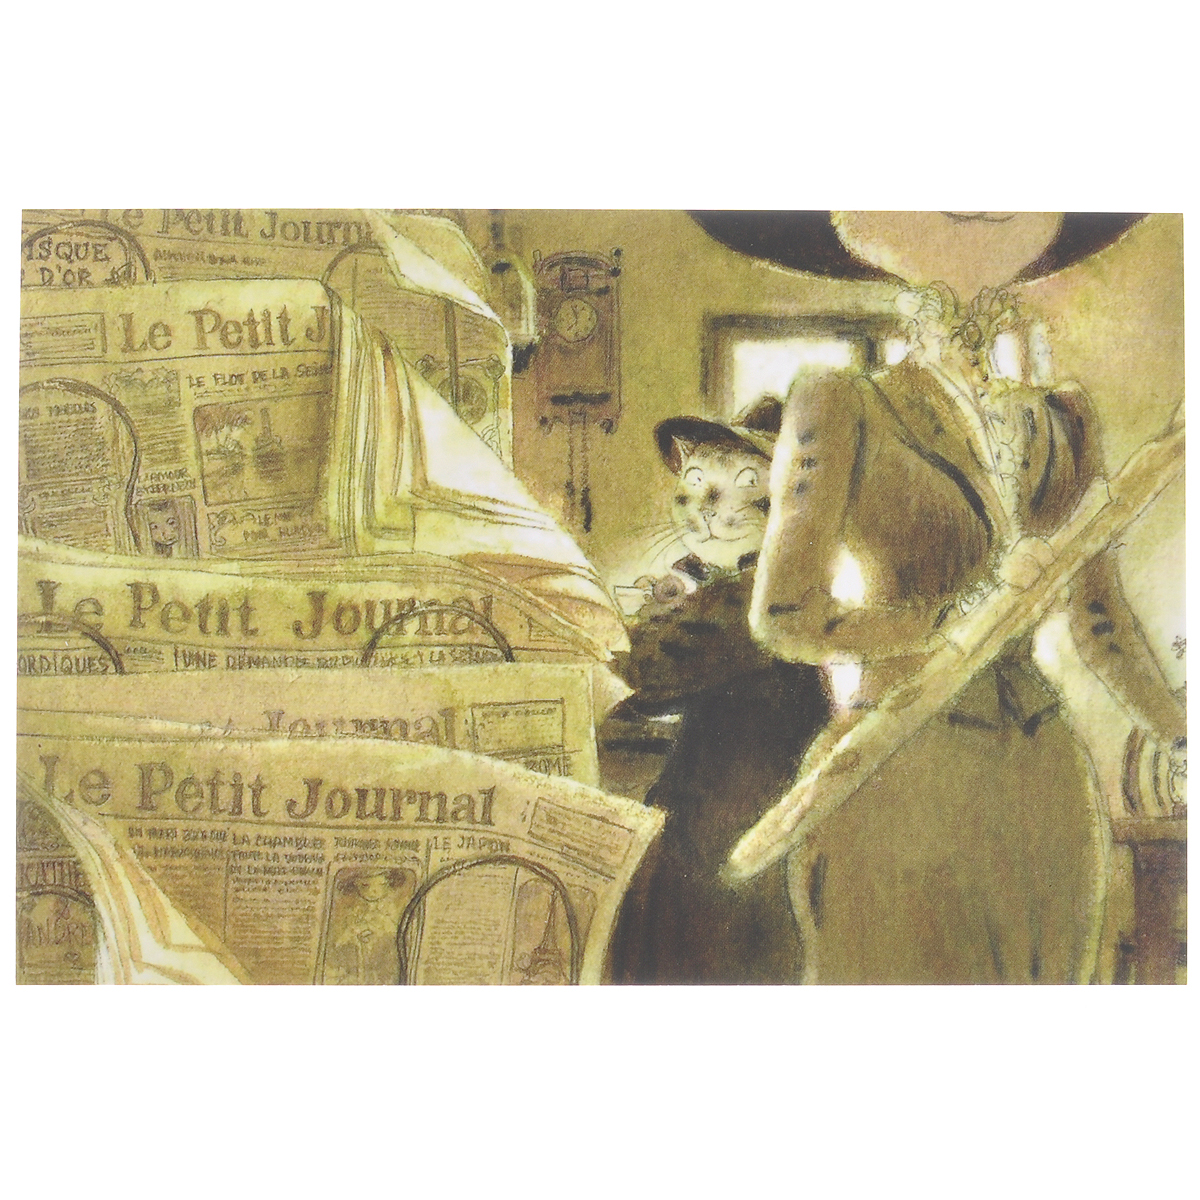 Открытка Однажды.... Из набора Парижский Кот-художник. Автор: Андрей АринушкинAA10-020Оригинальная дизайнерская открытка Однажды… из набора Парижский Кот-художник выполнена из плотного матового картона. На лицевой стороне расположена репродукция картины художника Андрея Аринушкина. На задней стороне имеется поле для записей.Такая открытка станет великолепным дополнением к подарку или оригинальным почтовым посланием, которое, несомненно, удивит получателя своим дизайном и подарит приятные воспоминания.